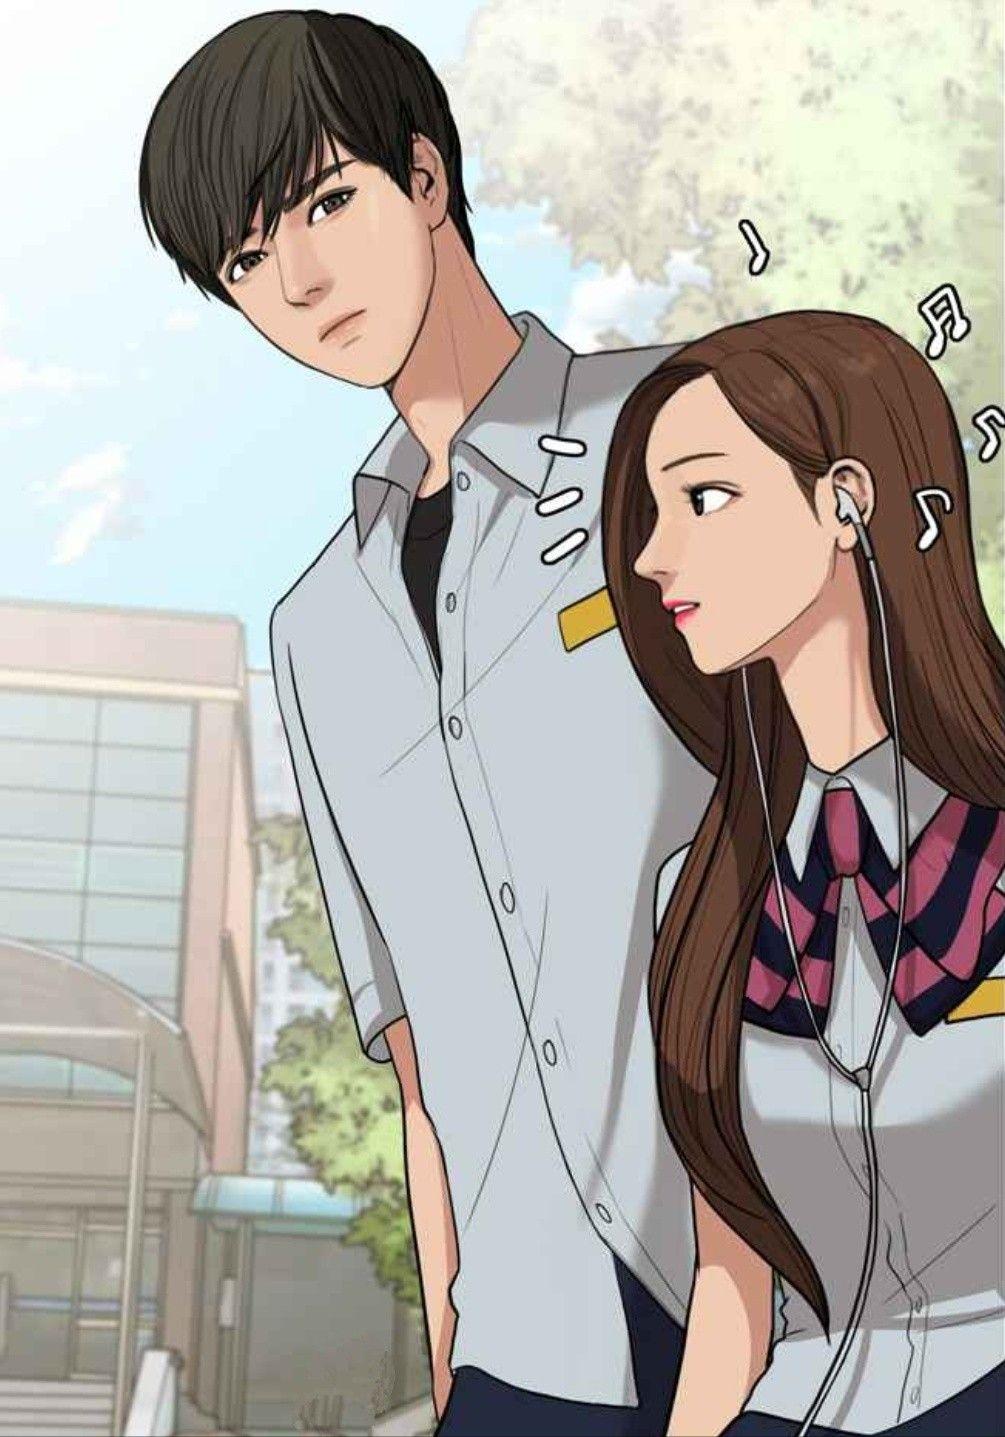 Jugyeong x Suho - True beauty Webtoon #TrueBeauty